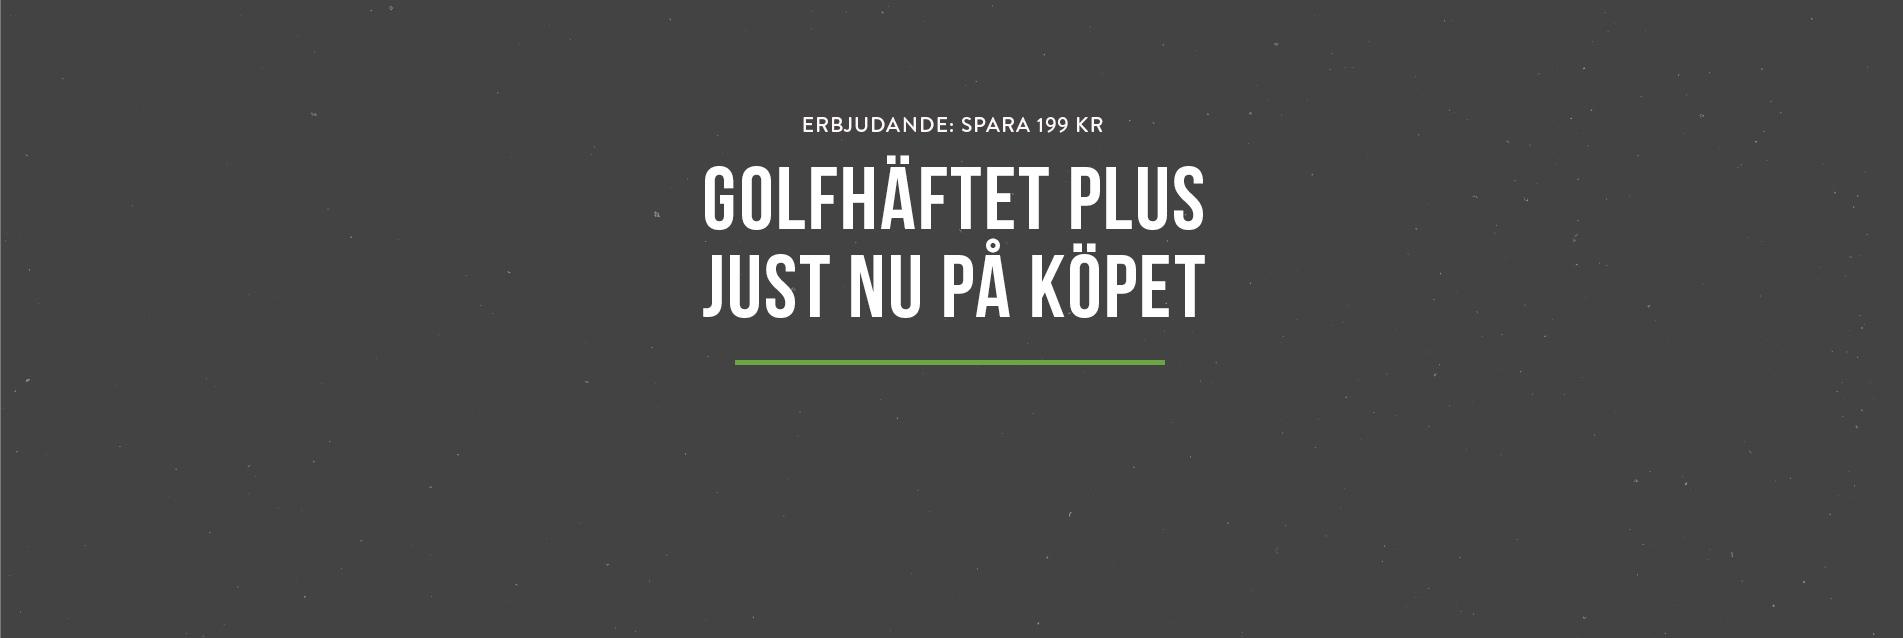 Golfhäftet Plus just nu på köpet vid köp av Golfhäftet 2021